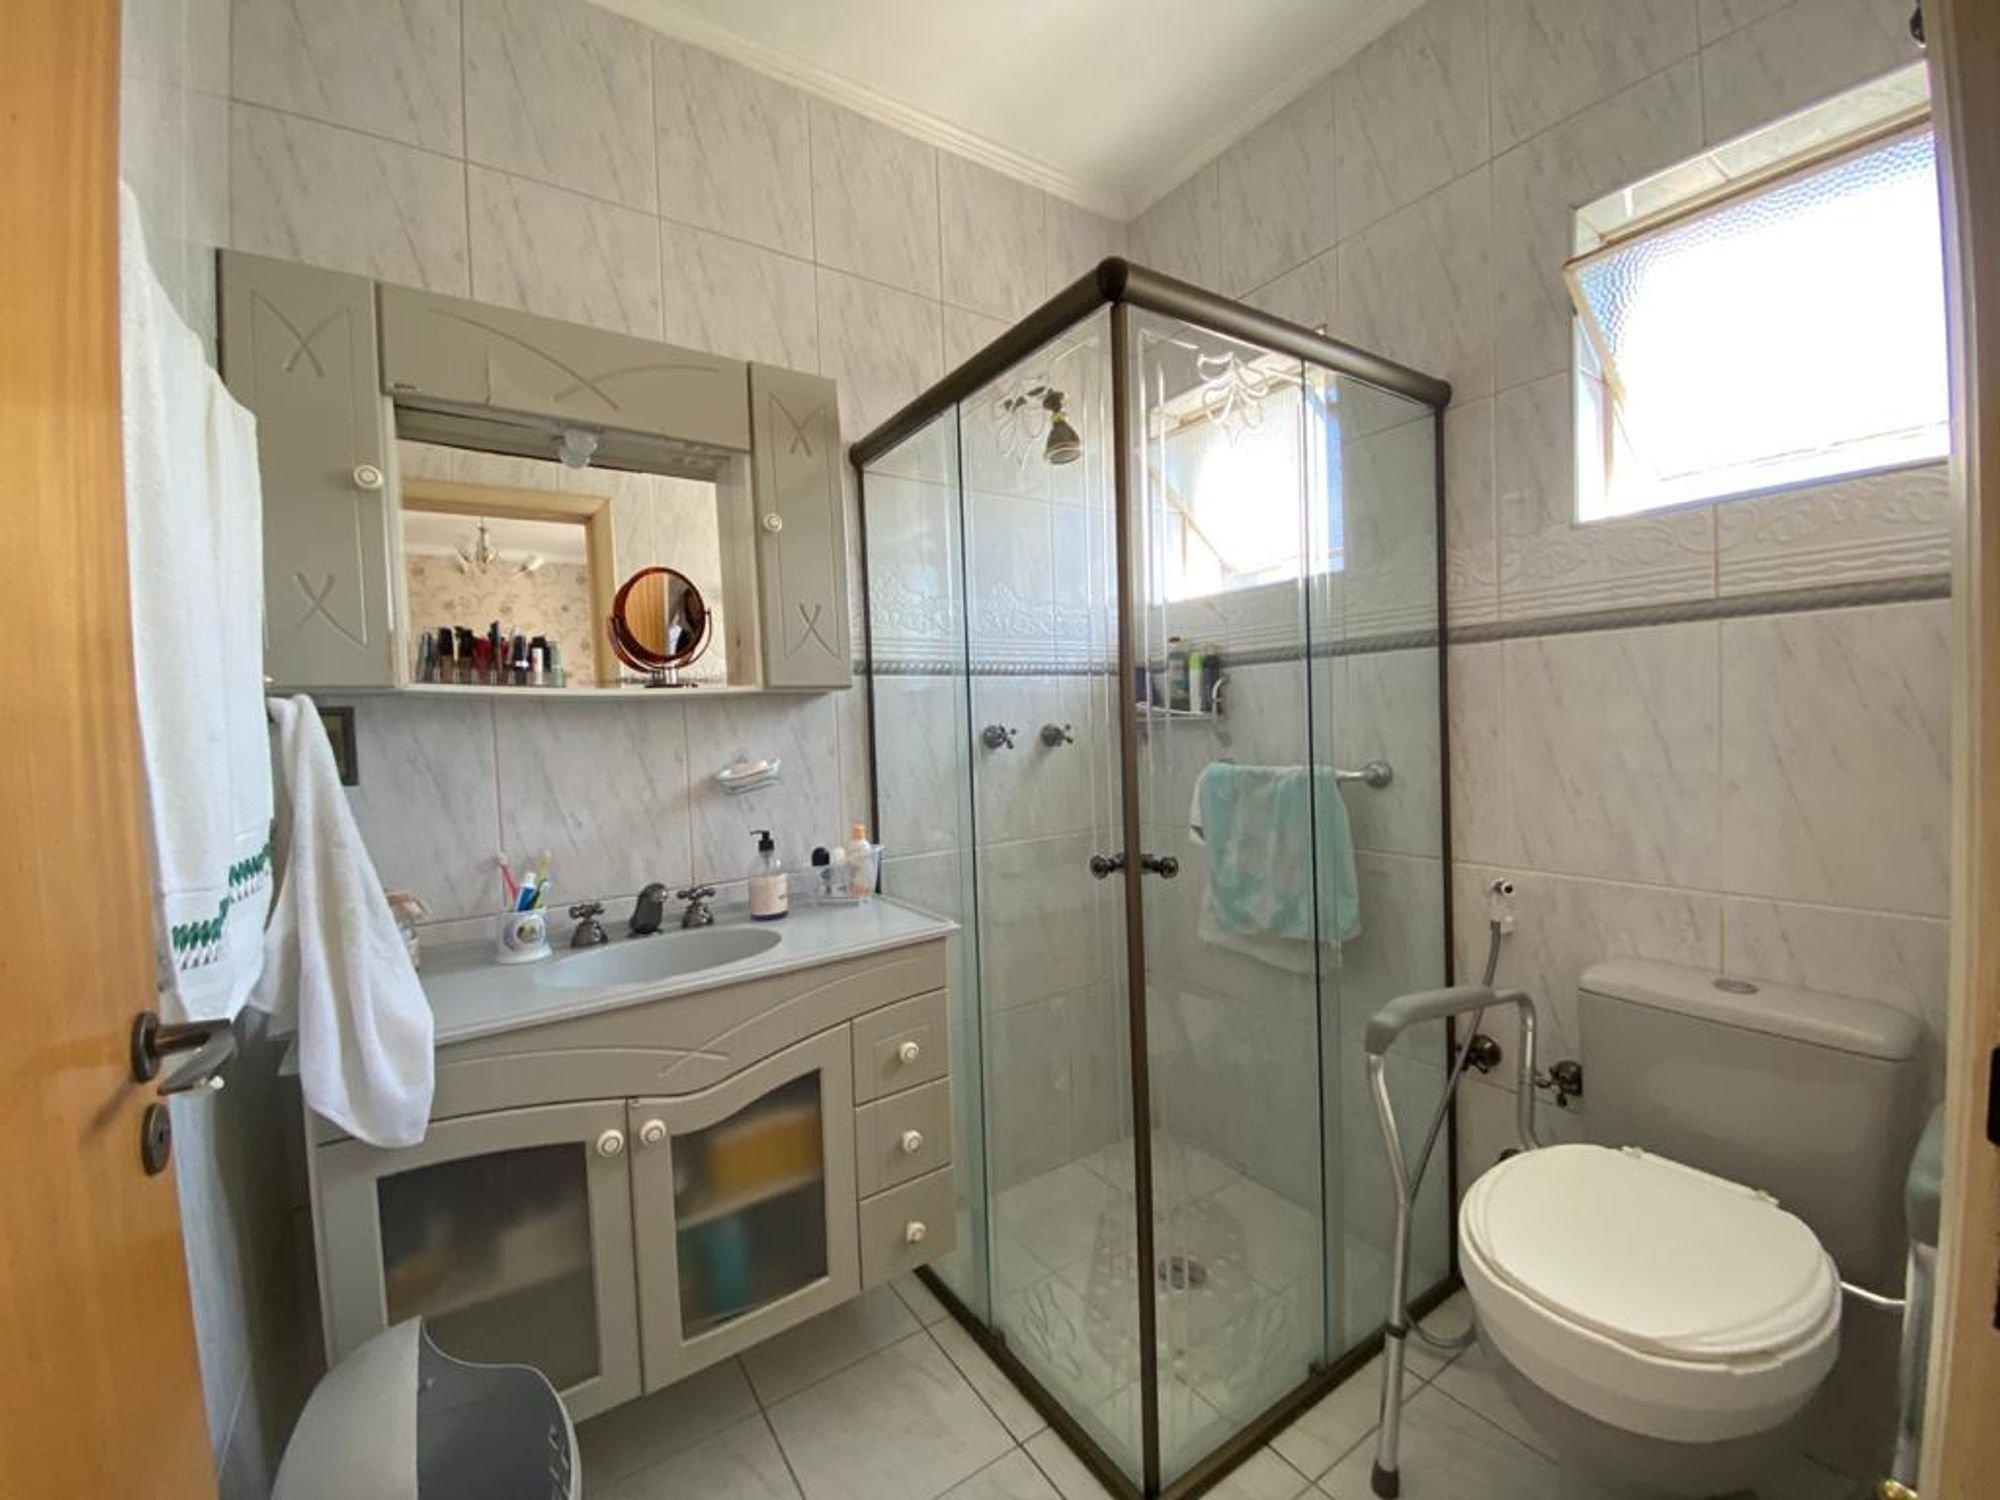 Foto de Banheiro com escova de dente, vaso sanitário, cadeira, pia